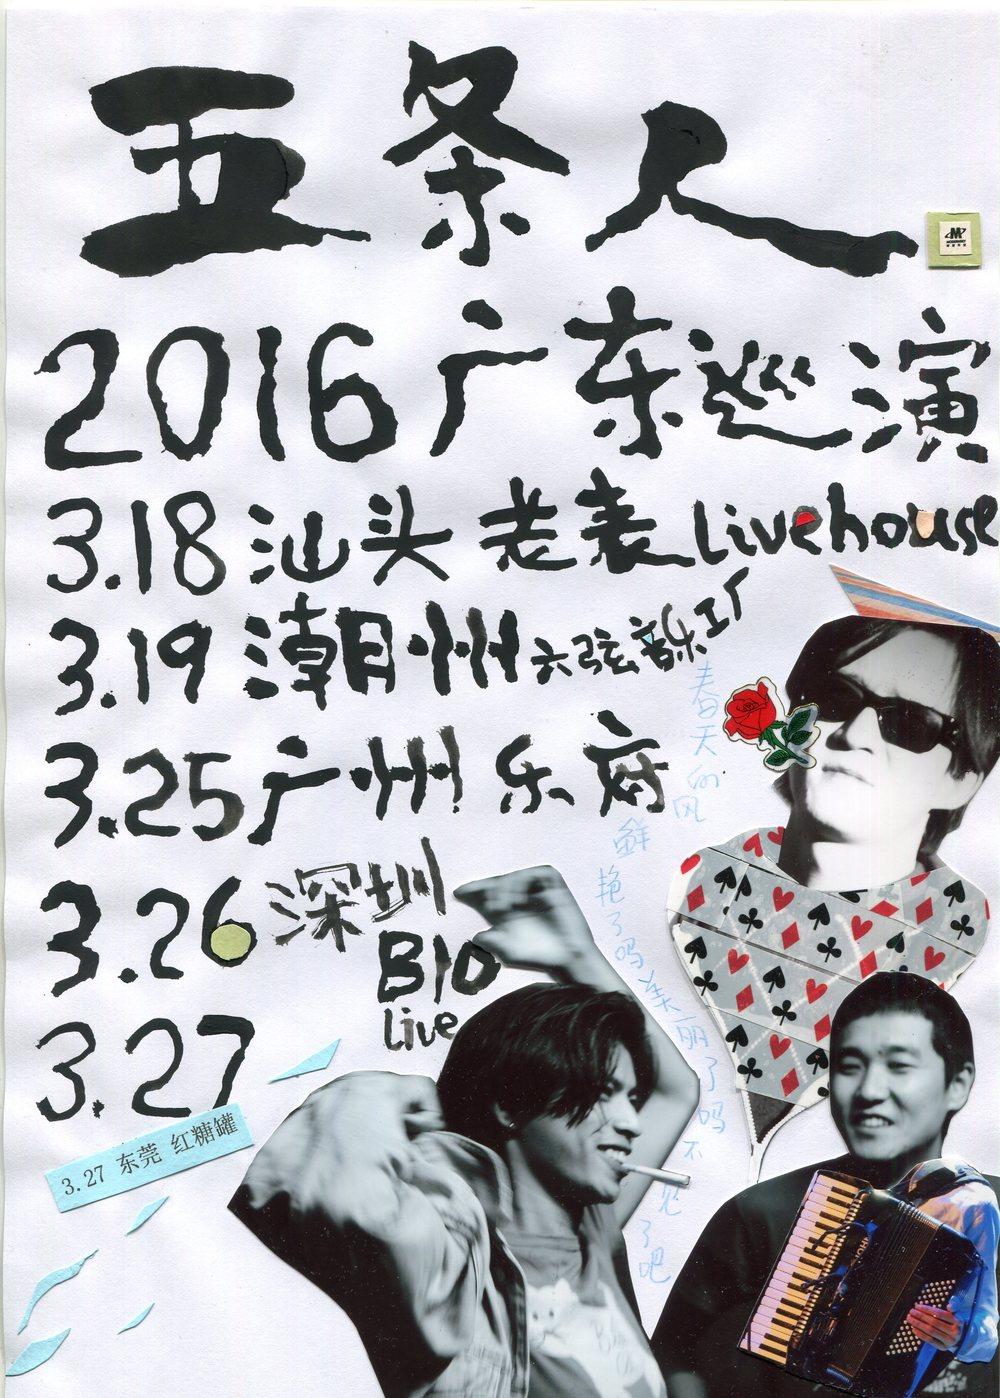 五条人2016广东巡演网络宣传小图.jpg